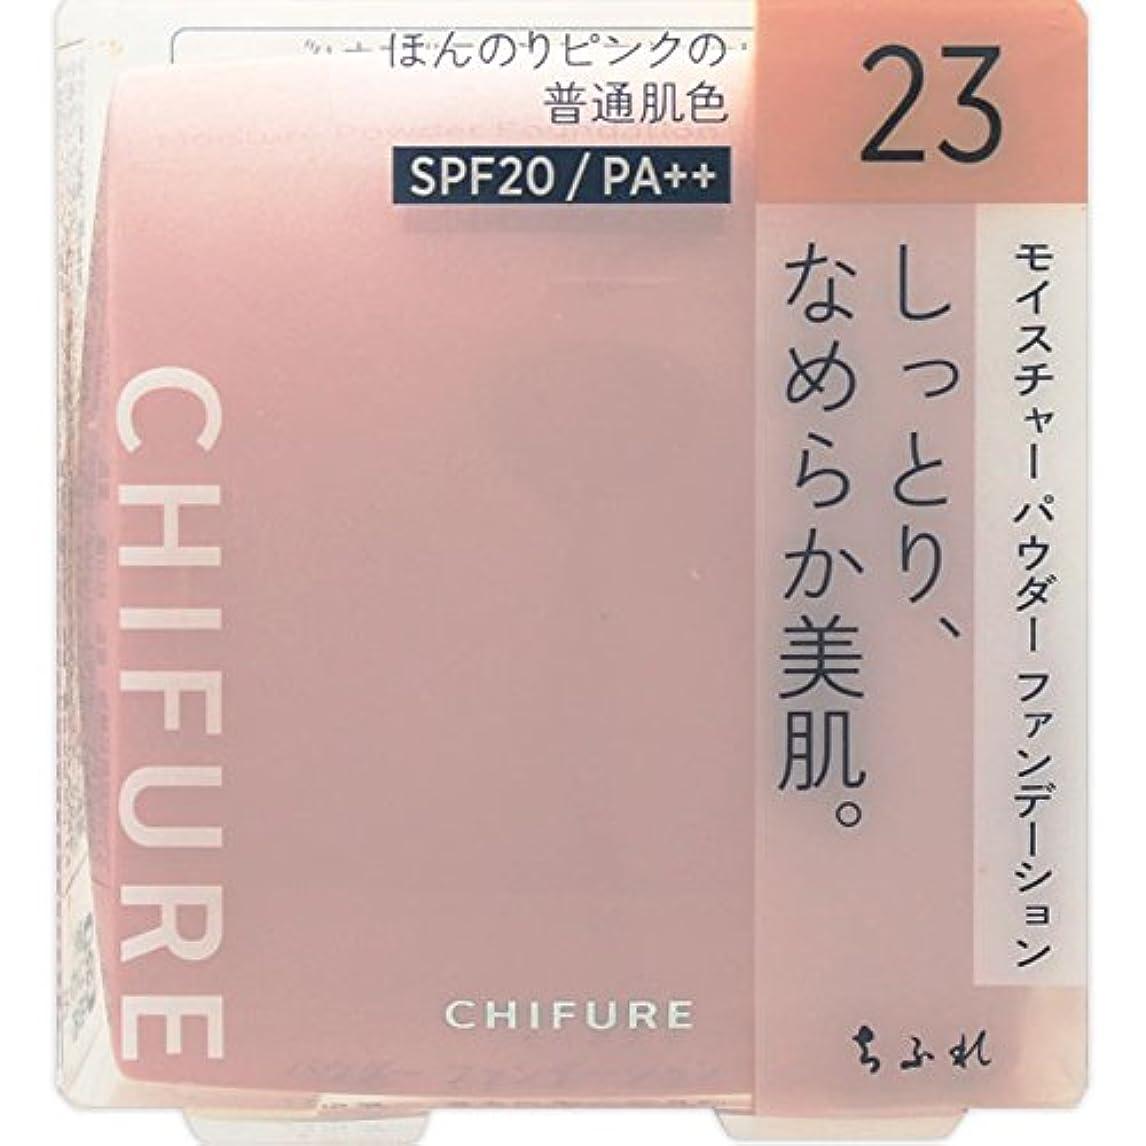 繰り返した凍る変色するちふれ化粧品 モイスチャー パウダーファンデーション(スポンジ入り) 23 ピンクオークル系 MパウダーFD23